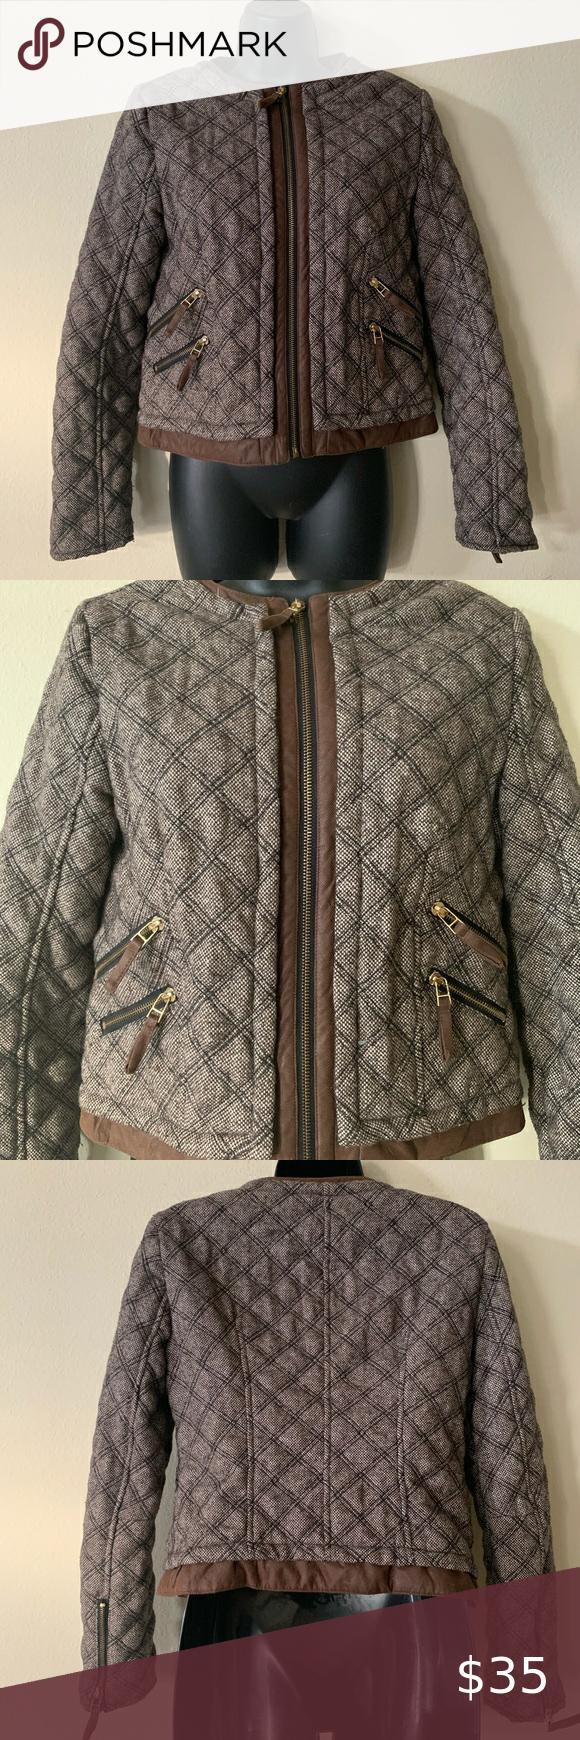 Zara Brown Quilted Tweed Bomber Jacket Medium Jackets For Women Zara Bomber Jacket [ 1740 x 580 Pixel ]